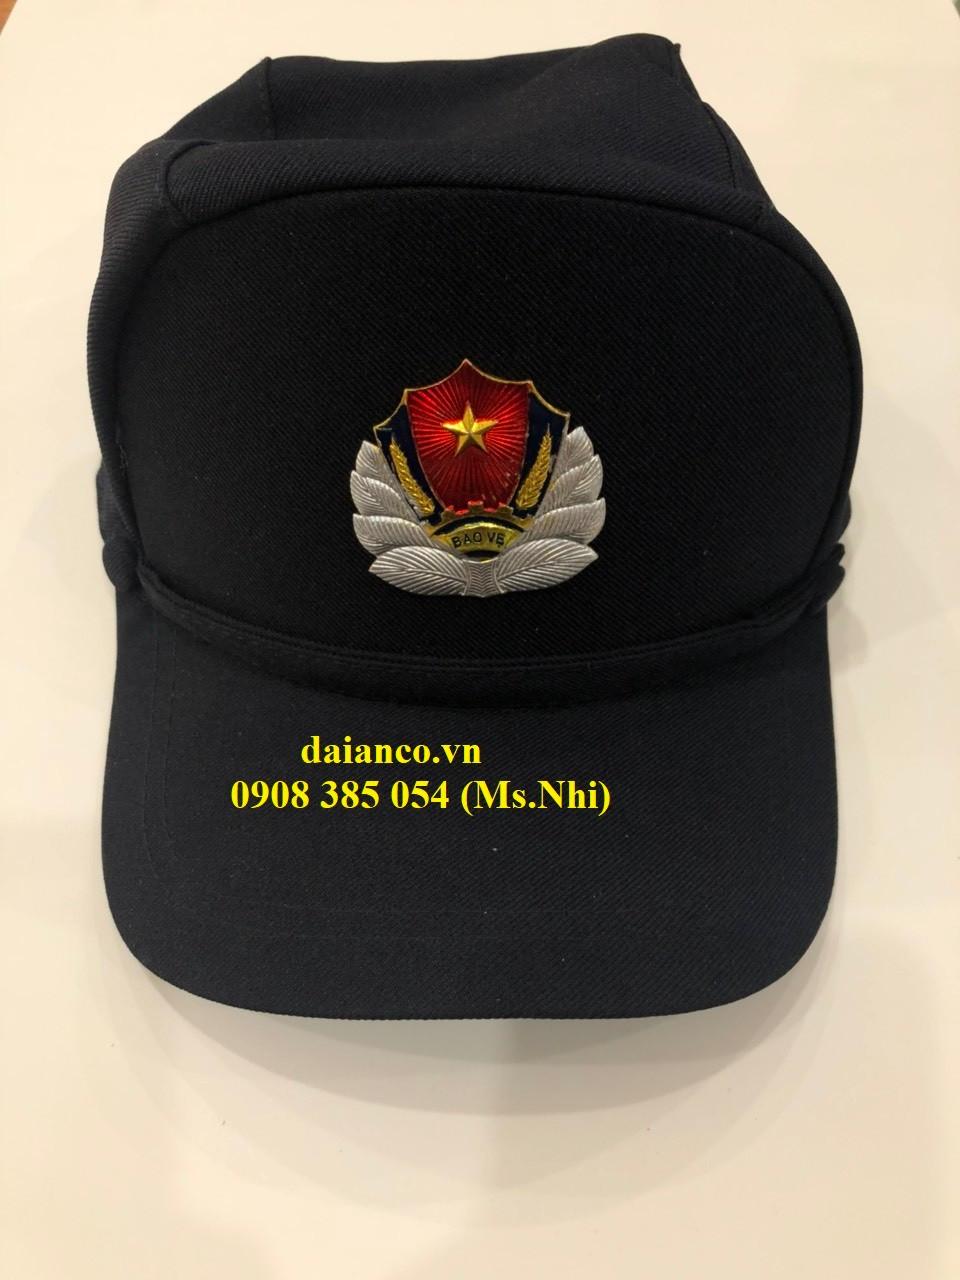 Hình ảnh Giảm giá các phụ kiện kèm theo đồng phục bảo vệ, vệ sỹ theo thông tư 08- TT08- Hàng sẵn, hình thật